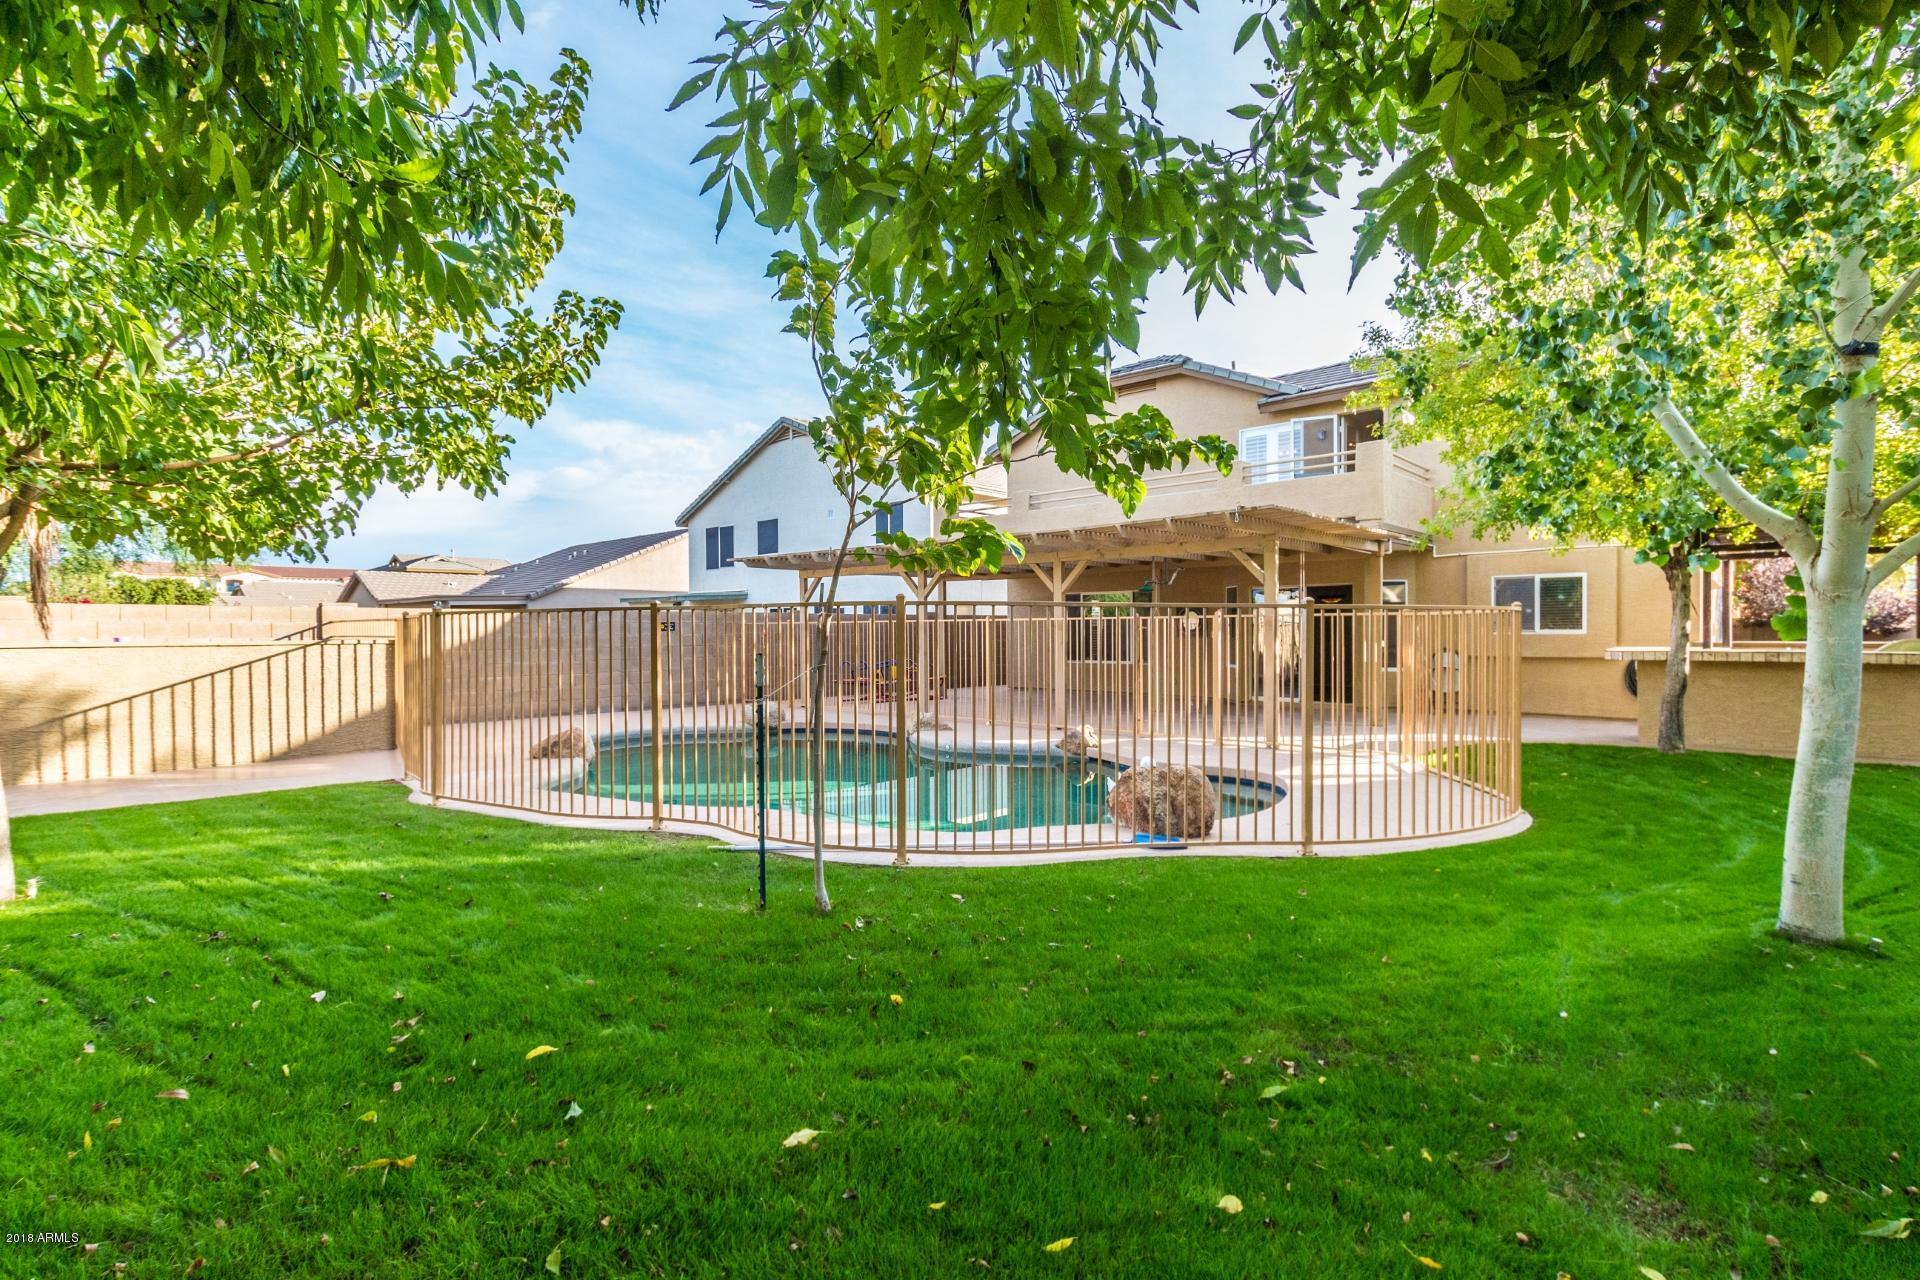 MLS 5849617 16426 N 164TH Drive, Surprise, AZ 85388 Surprise AZ Northwest Ranch